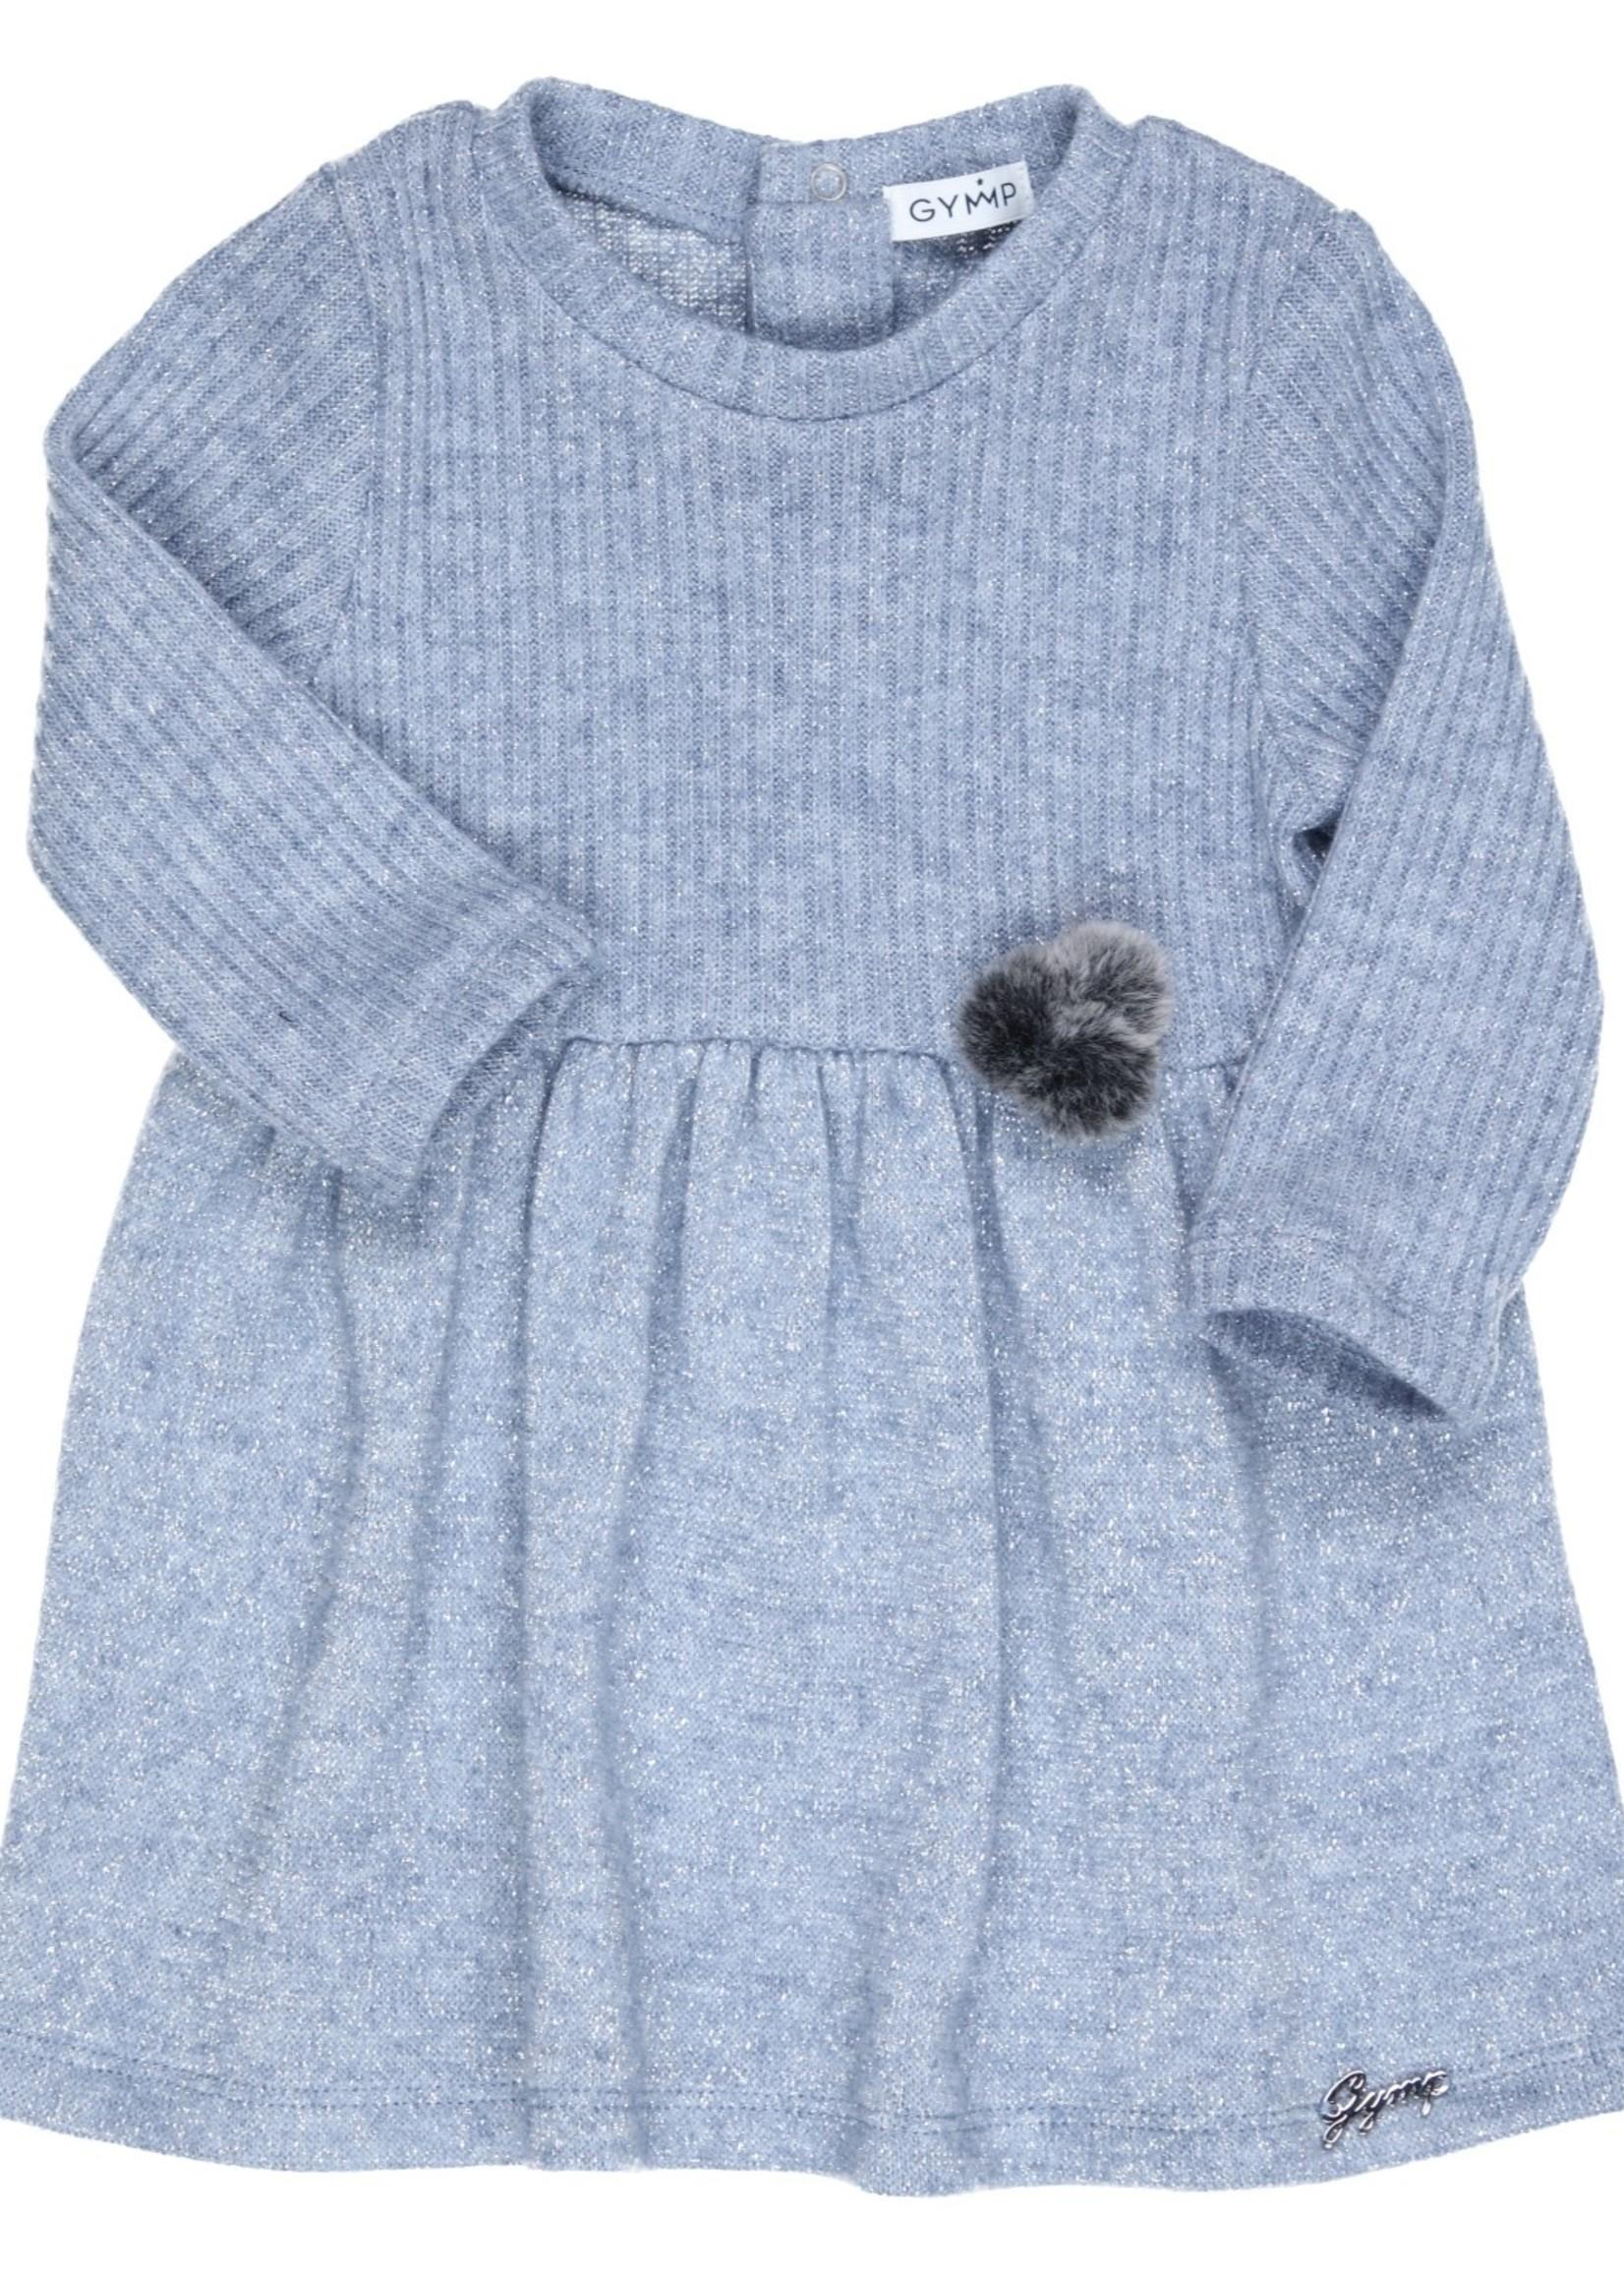 Gymp Gymp combi dress blauw